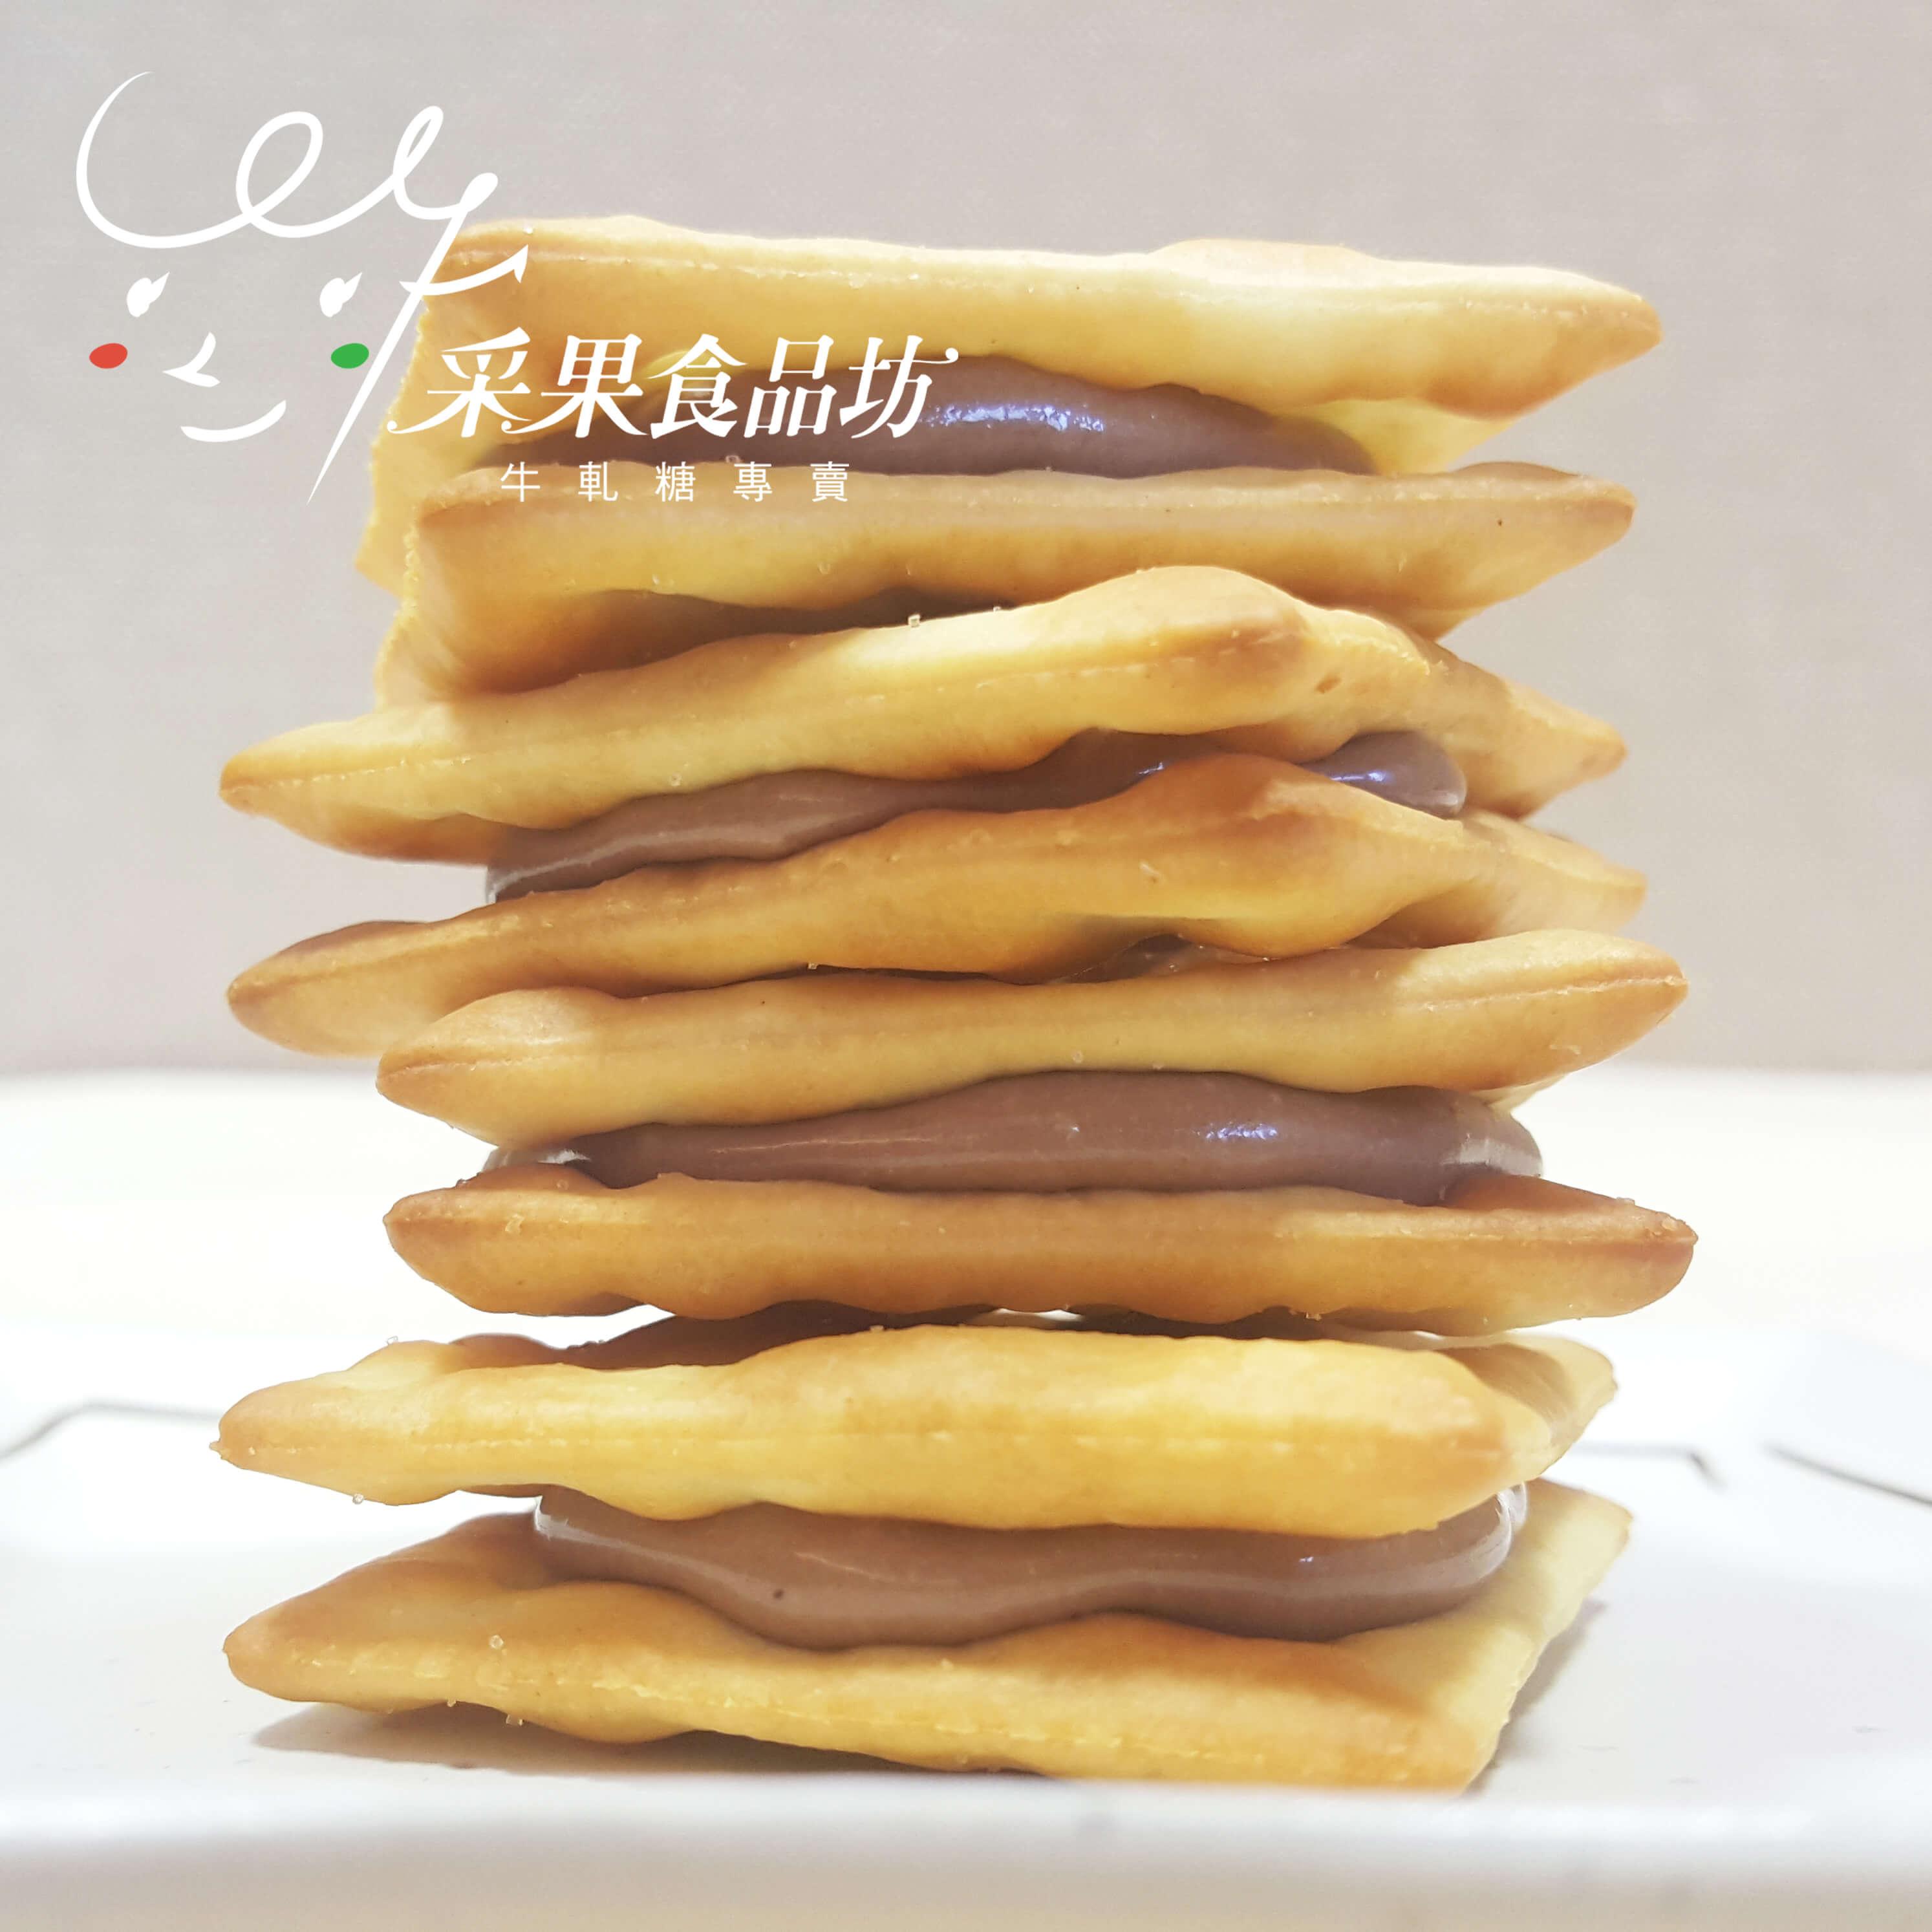 【采果食品坊】巧克力牛軋餅 16入 / 袋裝 0